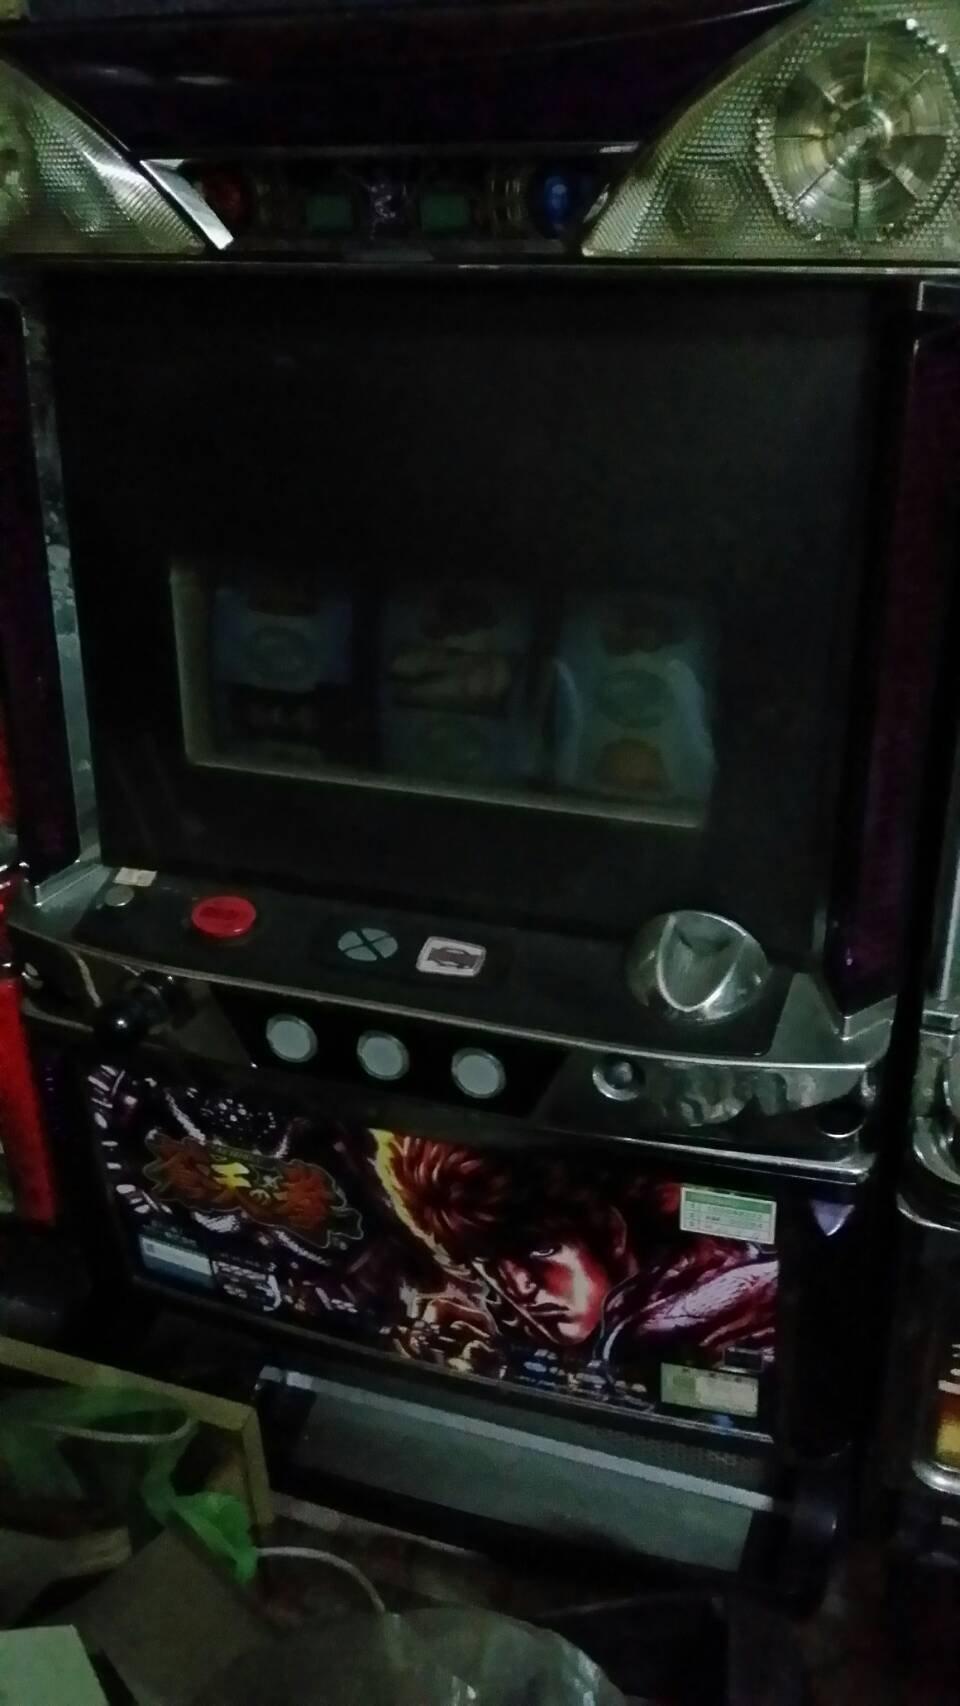 日本原裝機台SLOT 斯洛北斗神拳-蒼天之拳一代-五號機大型家用電玩遊戲機插電即玩拉霸機)非小鋼珠PUB酒店個人遊戲空間